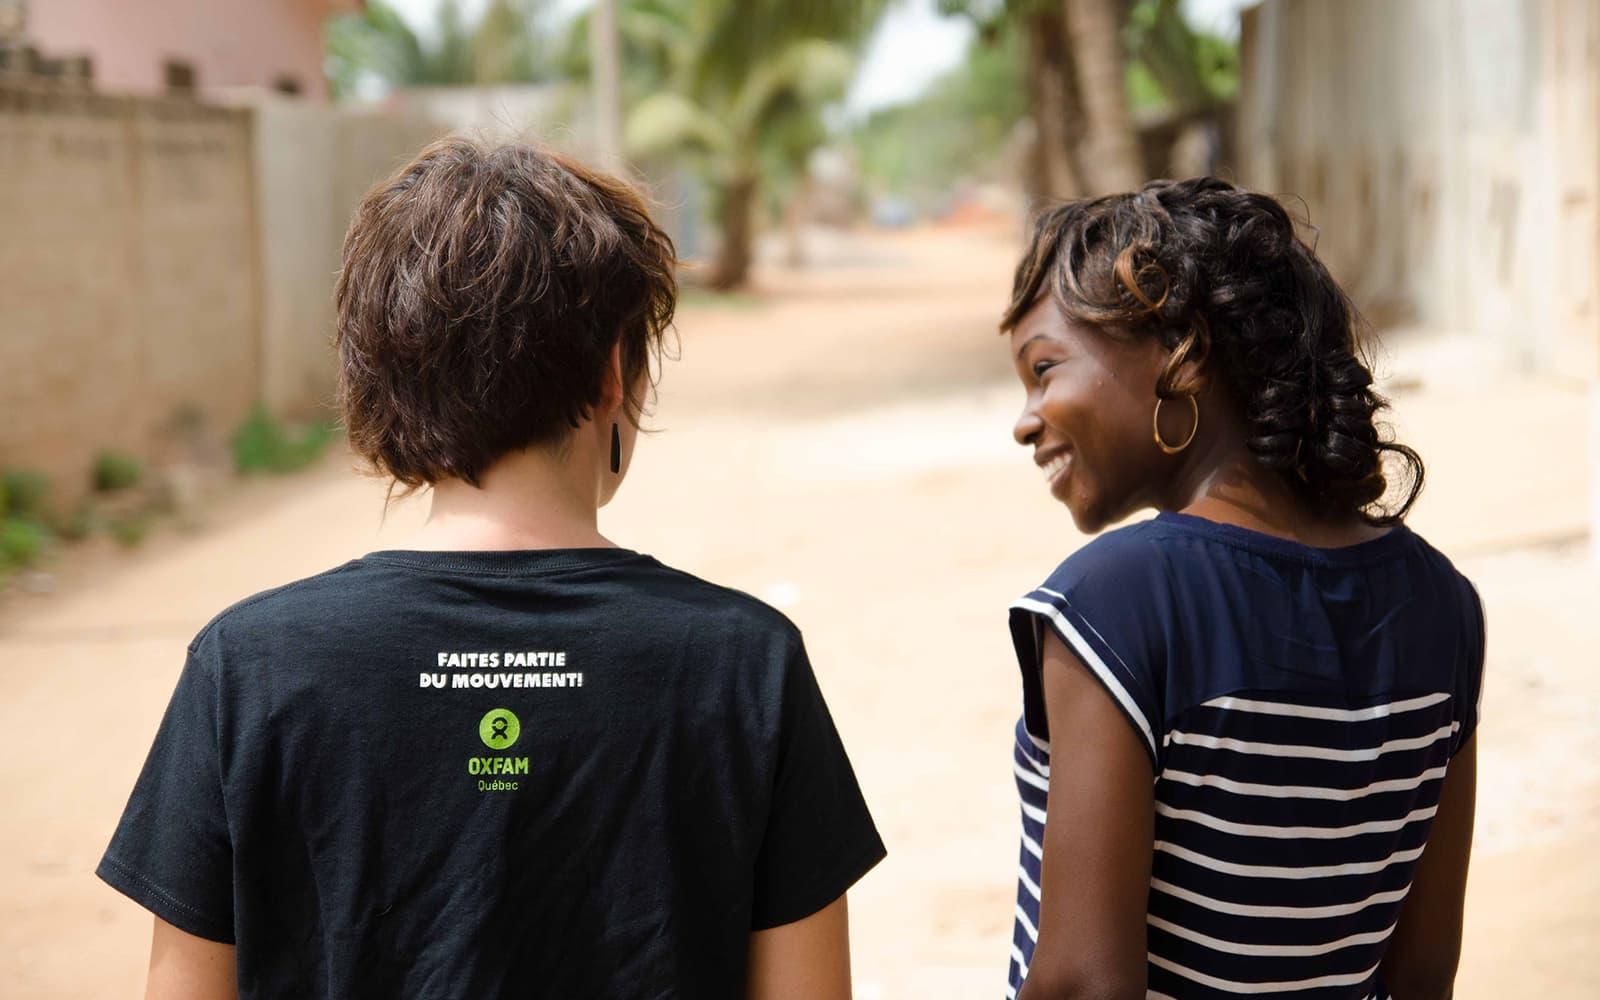 Deux employées d'Oxfam marchent côte à côte